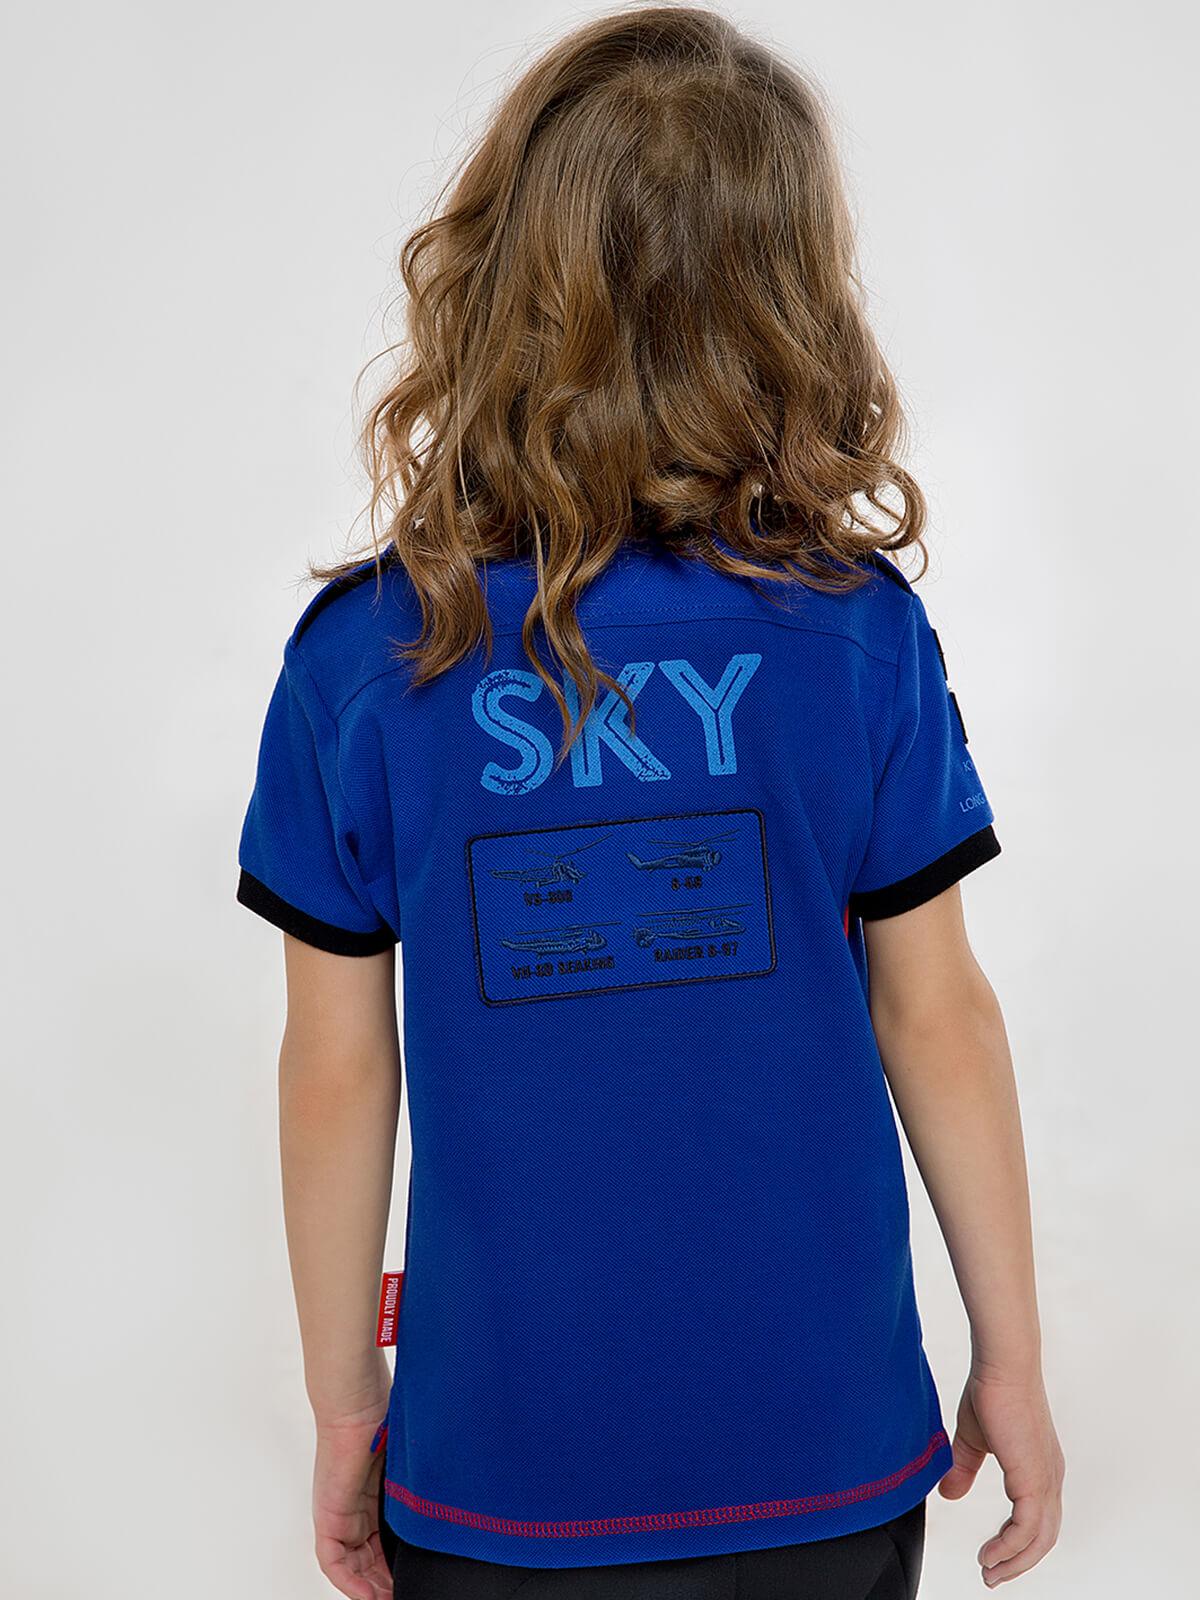 Дитяче Поло Sikorsky. Колір синій.  Матеріал: 100% бавовна.